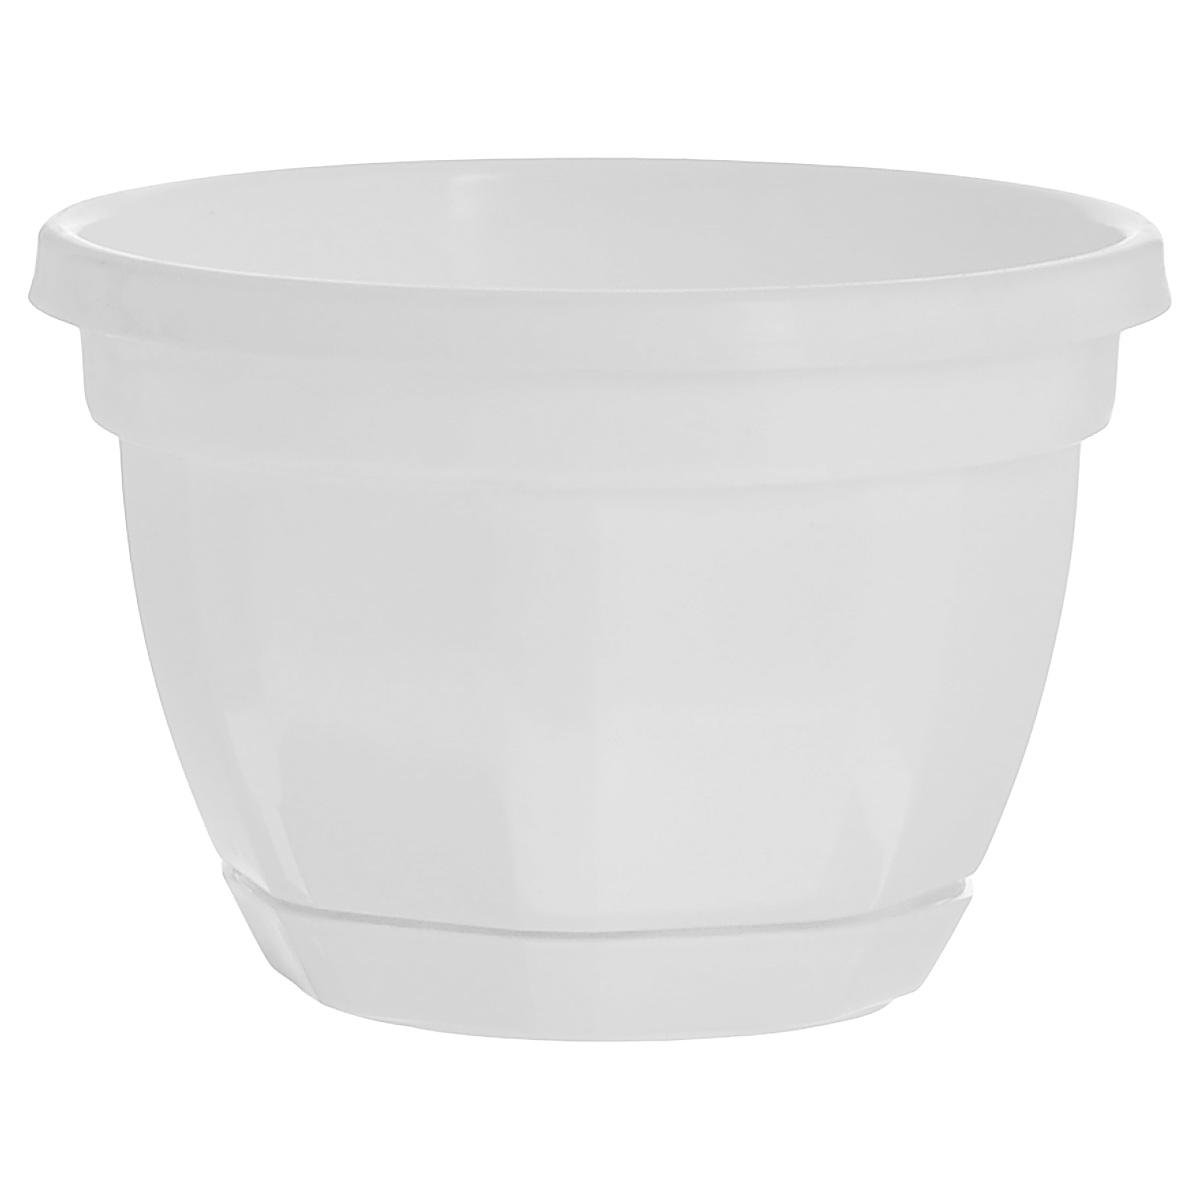 Кашпо Инстар Ника, с поддоном, цвет: белый, диаметр 20 смМ 3054Кашпо Инстар Ника изготовлено из прочного пластика и предназначено для выращивания растений, цветов и трав в домашних условиях. Специальный поддон собирает воду. Такое кашпо порадует вас дизайном и функциональностью, а также прекрасно подойдет под любой интерьер.